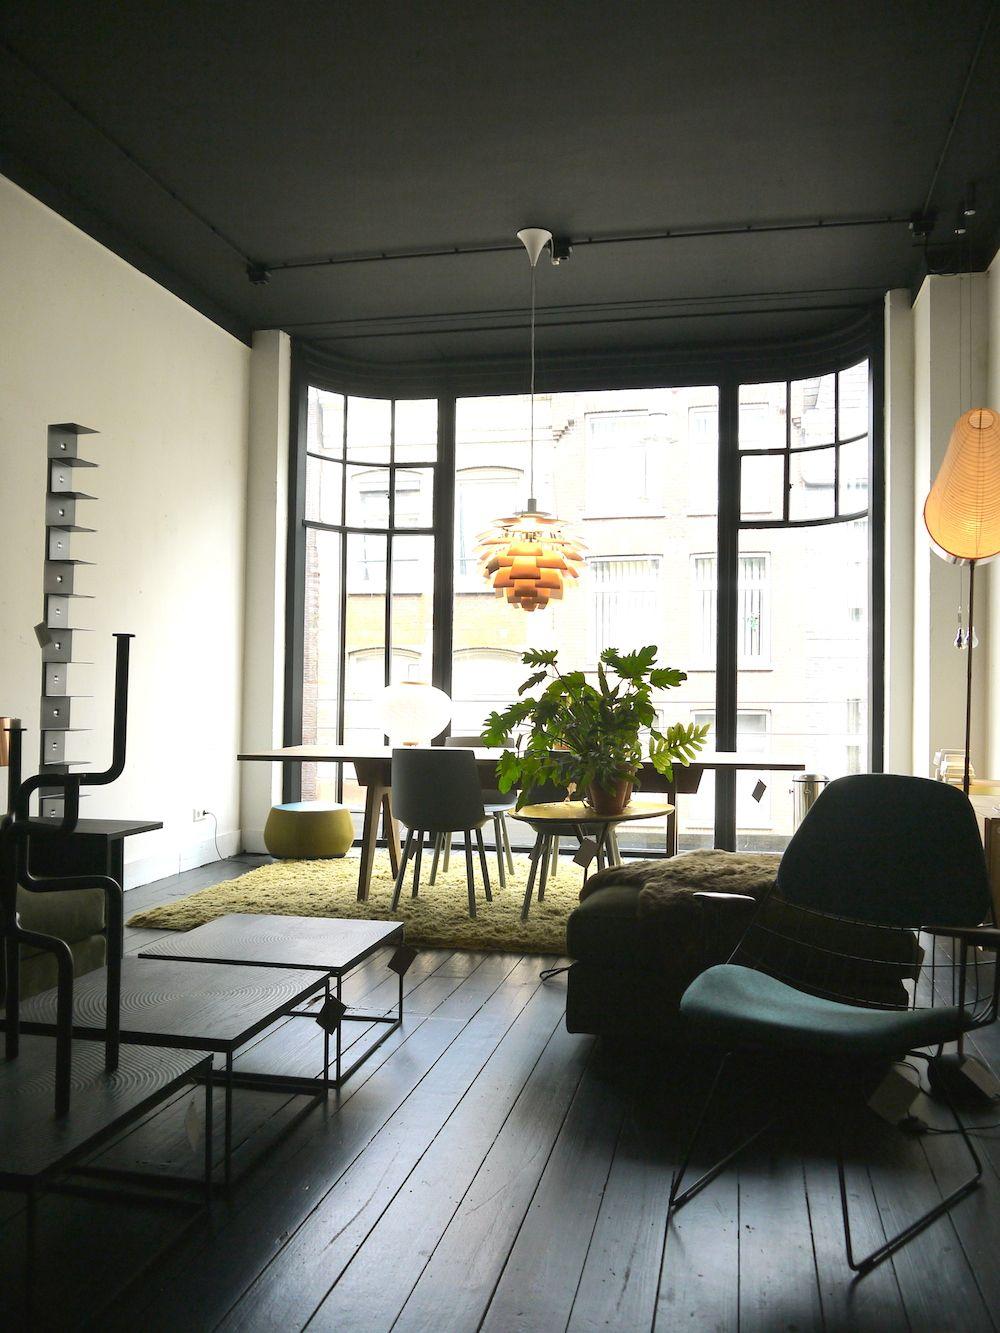 Zeer Zwarte houten vloer. Mobilia woonstudio Amsterdam | Wonen in 2019 &EY86